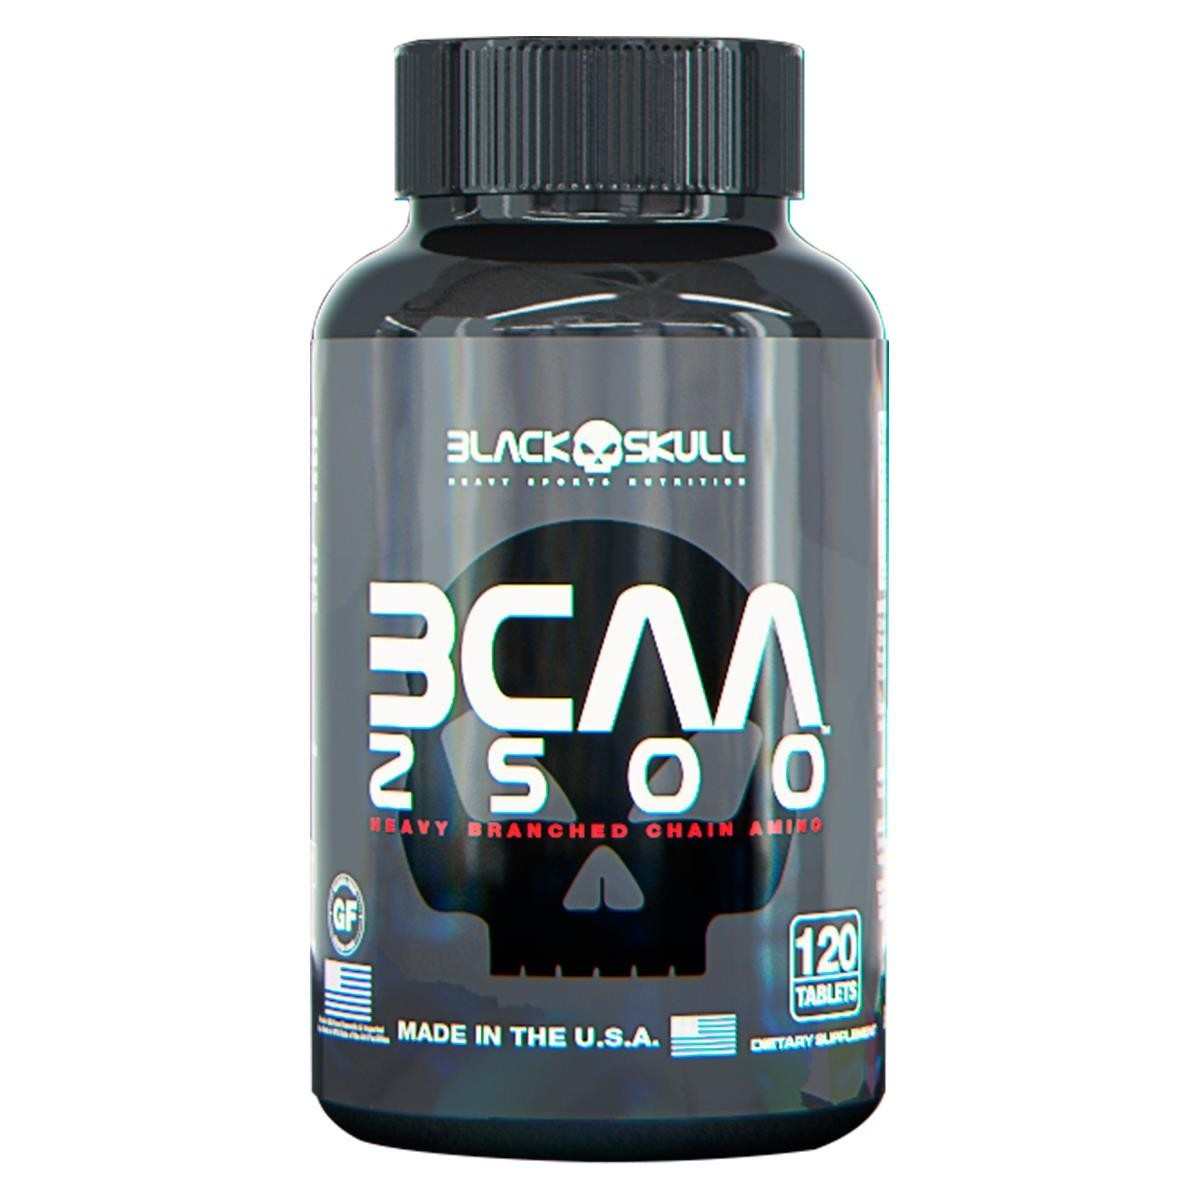 BCAA 2500 120 TABLETS BLACKSKULL